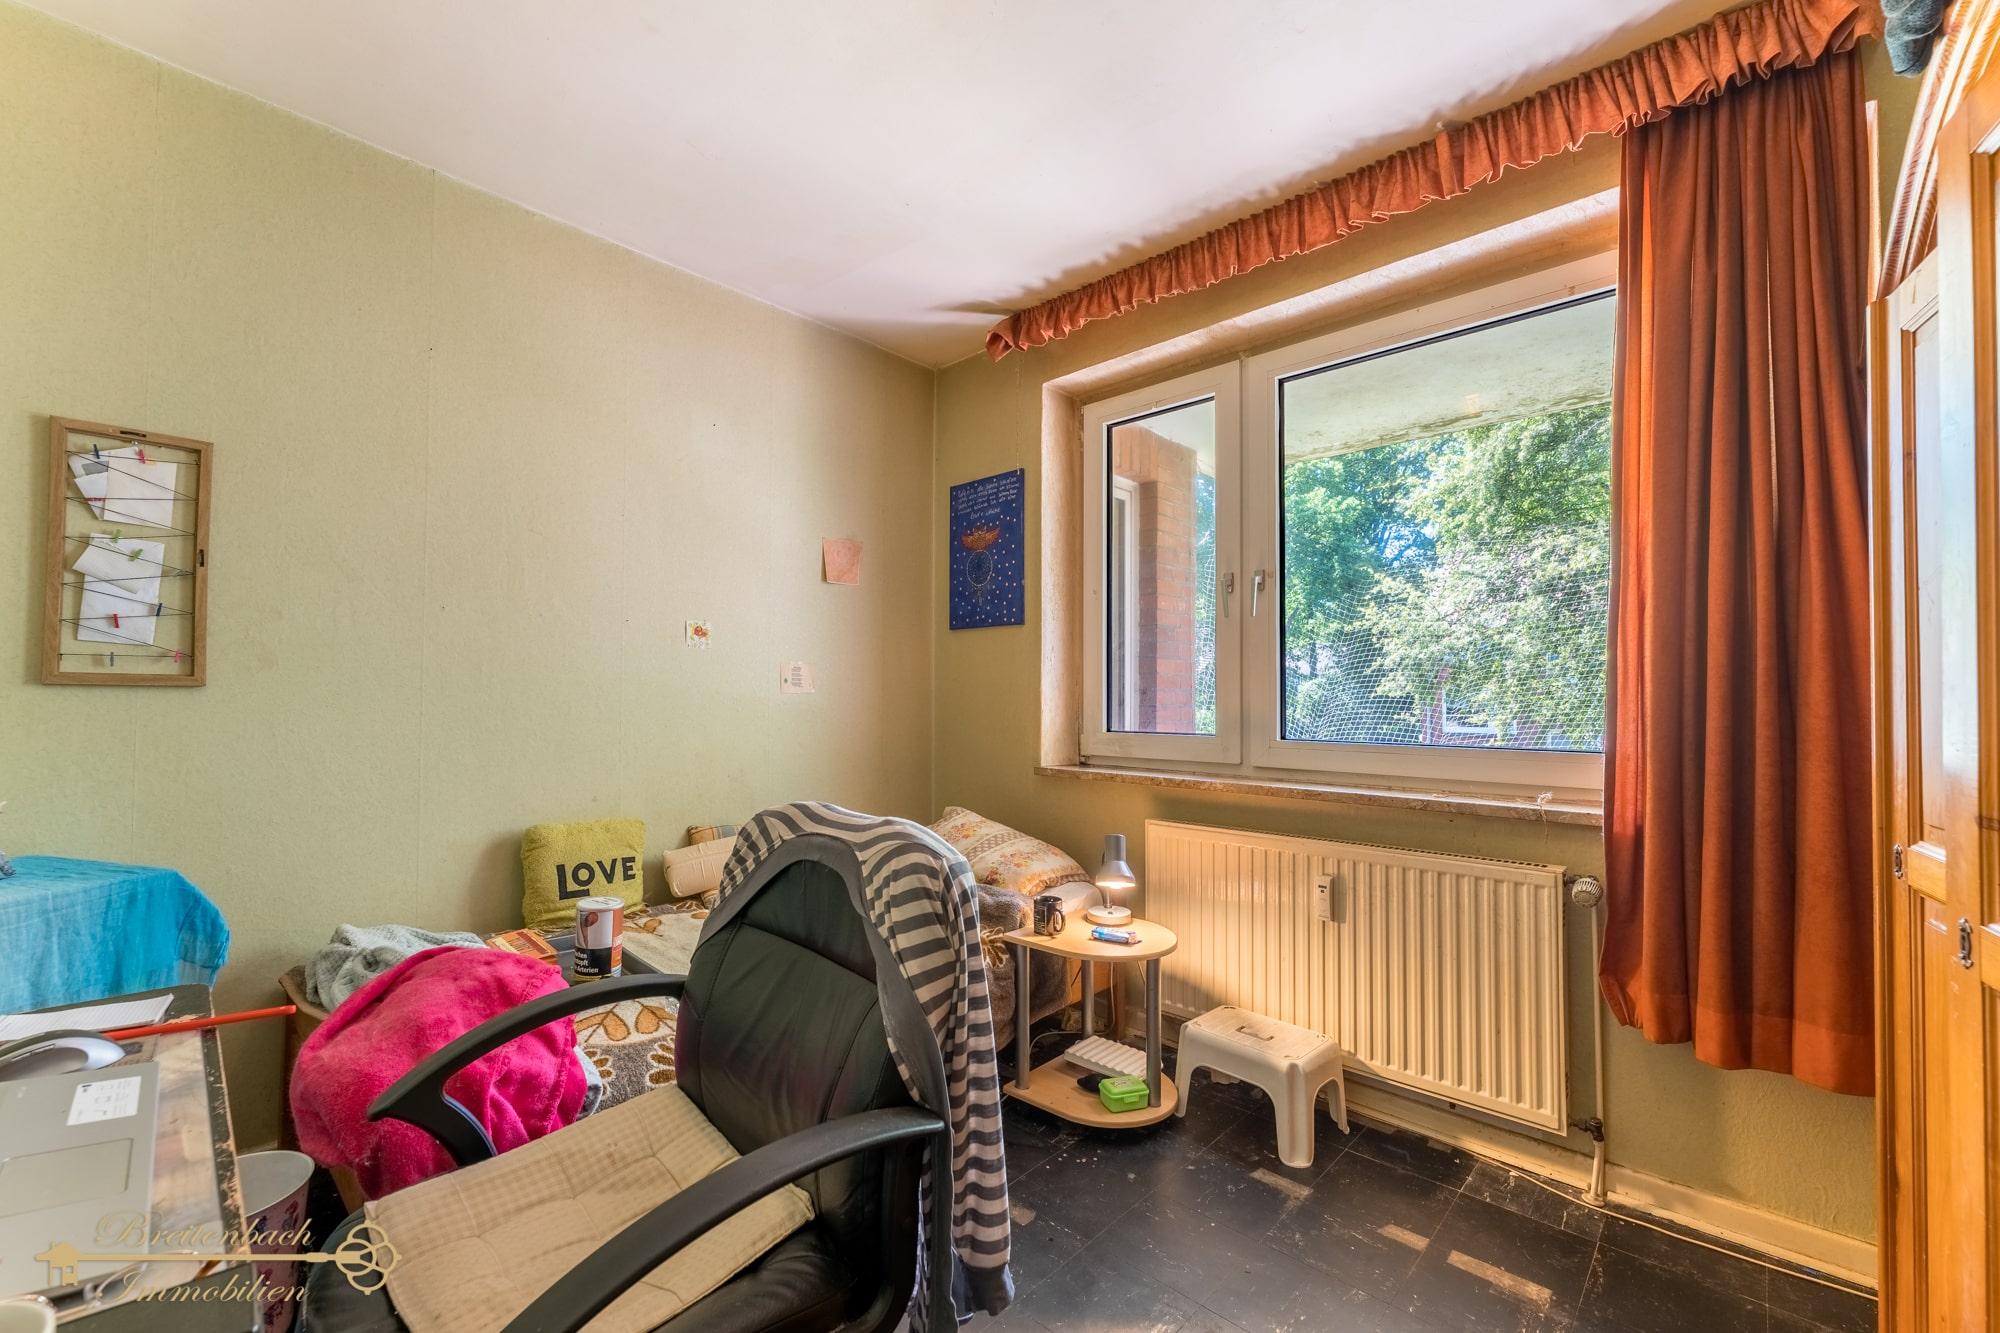 2021-06-10-Breitenbach-Immobilien-Makler-Bremen-9-min